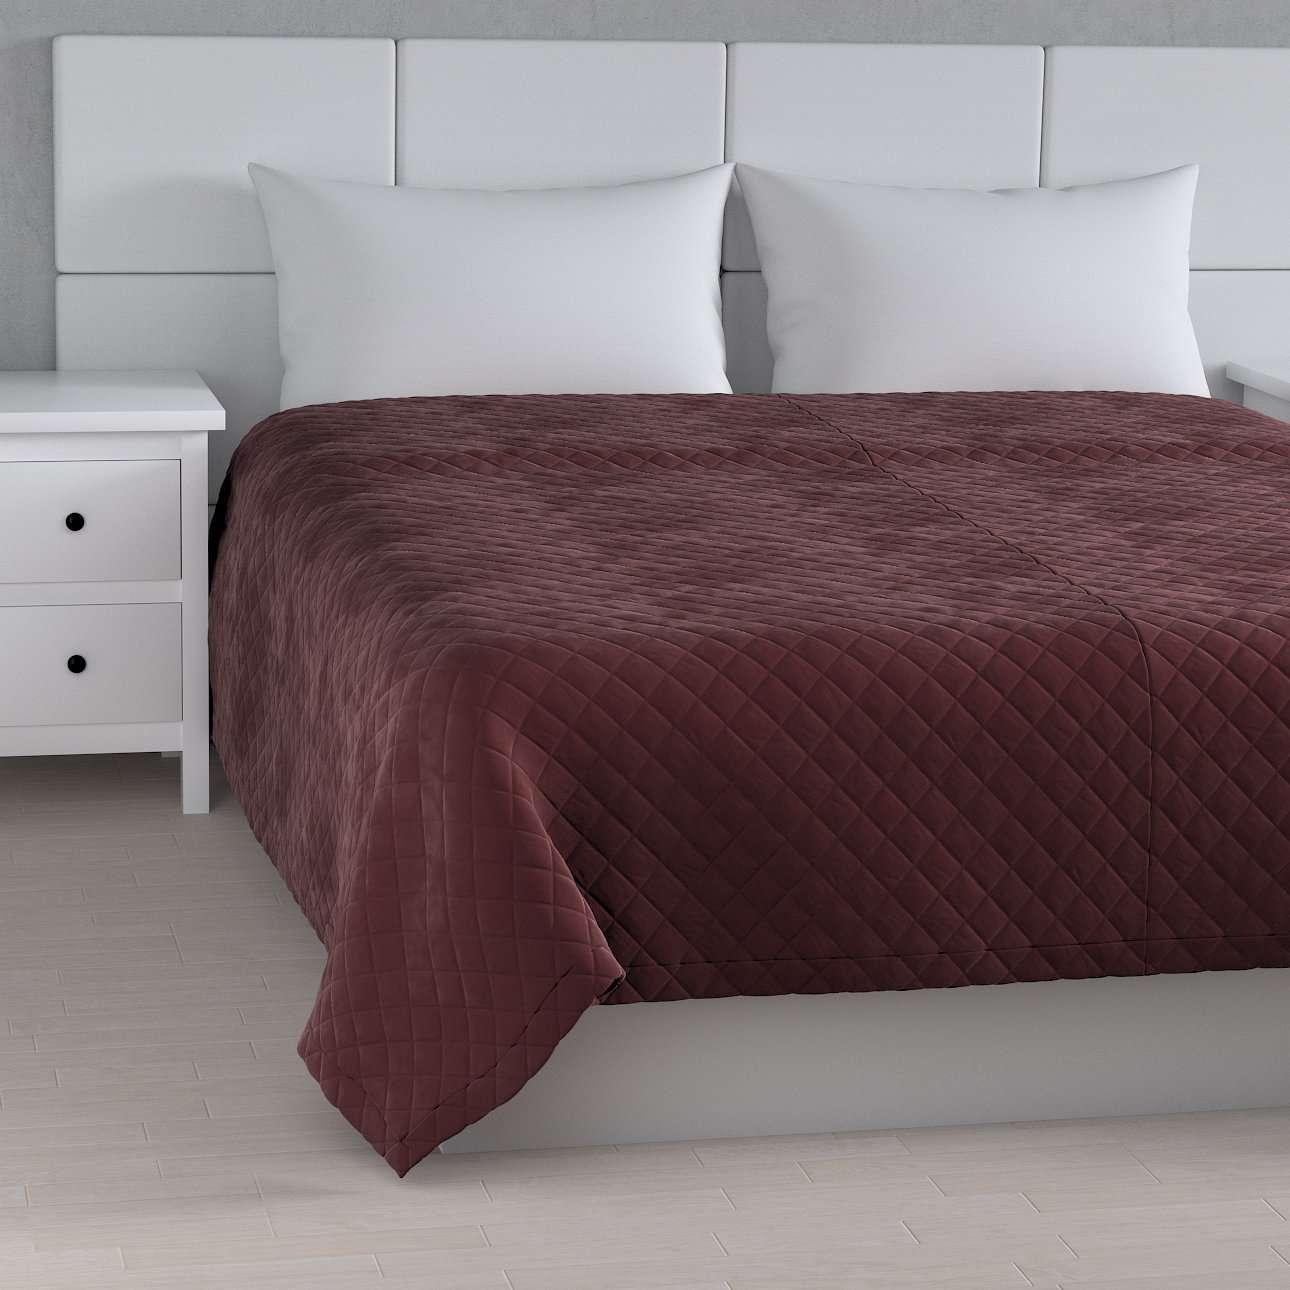 Överkast kviltat i rhomb i velour i kollektionen Velvet, Tyg: 704-26